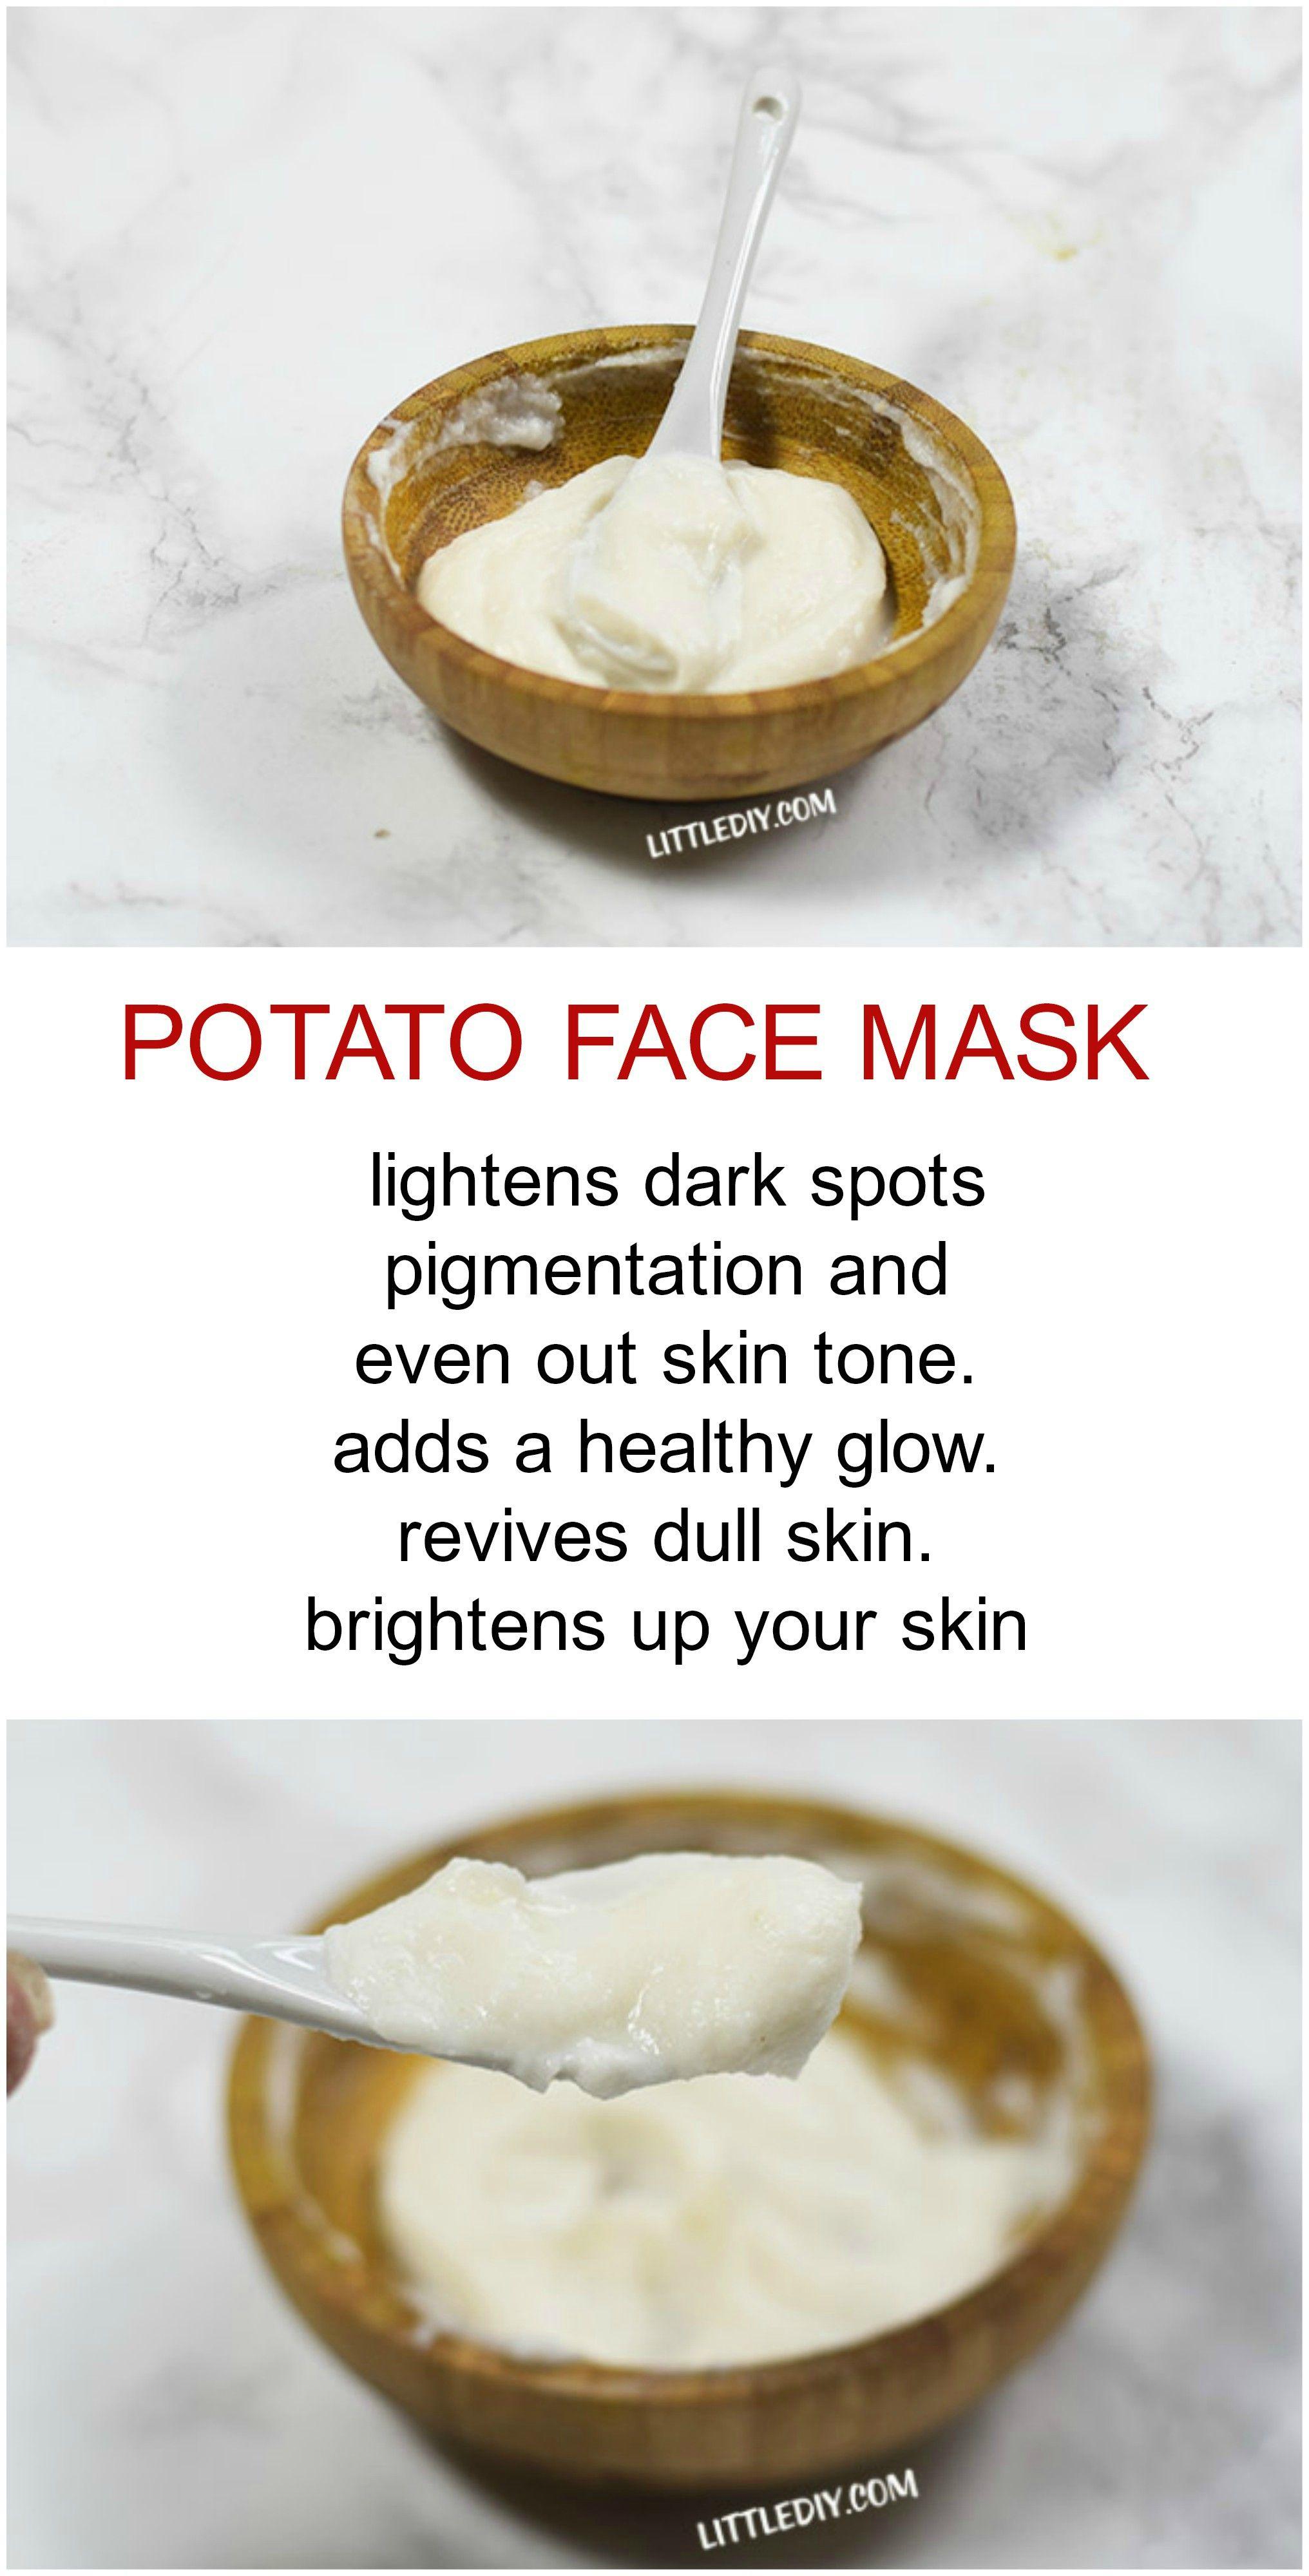 POTATO TO BRIGHTEN SKIN AND FADE PIGMENTATION Potato